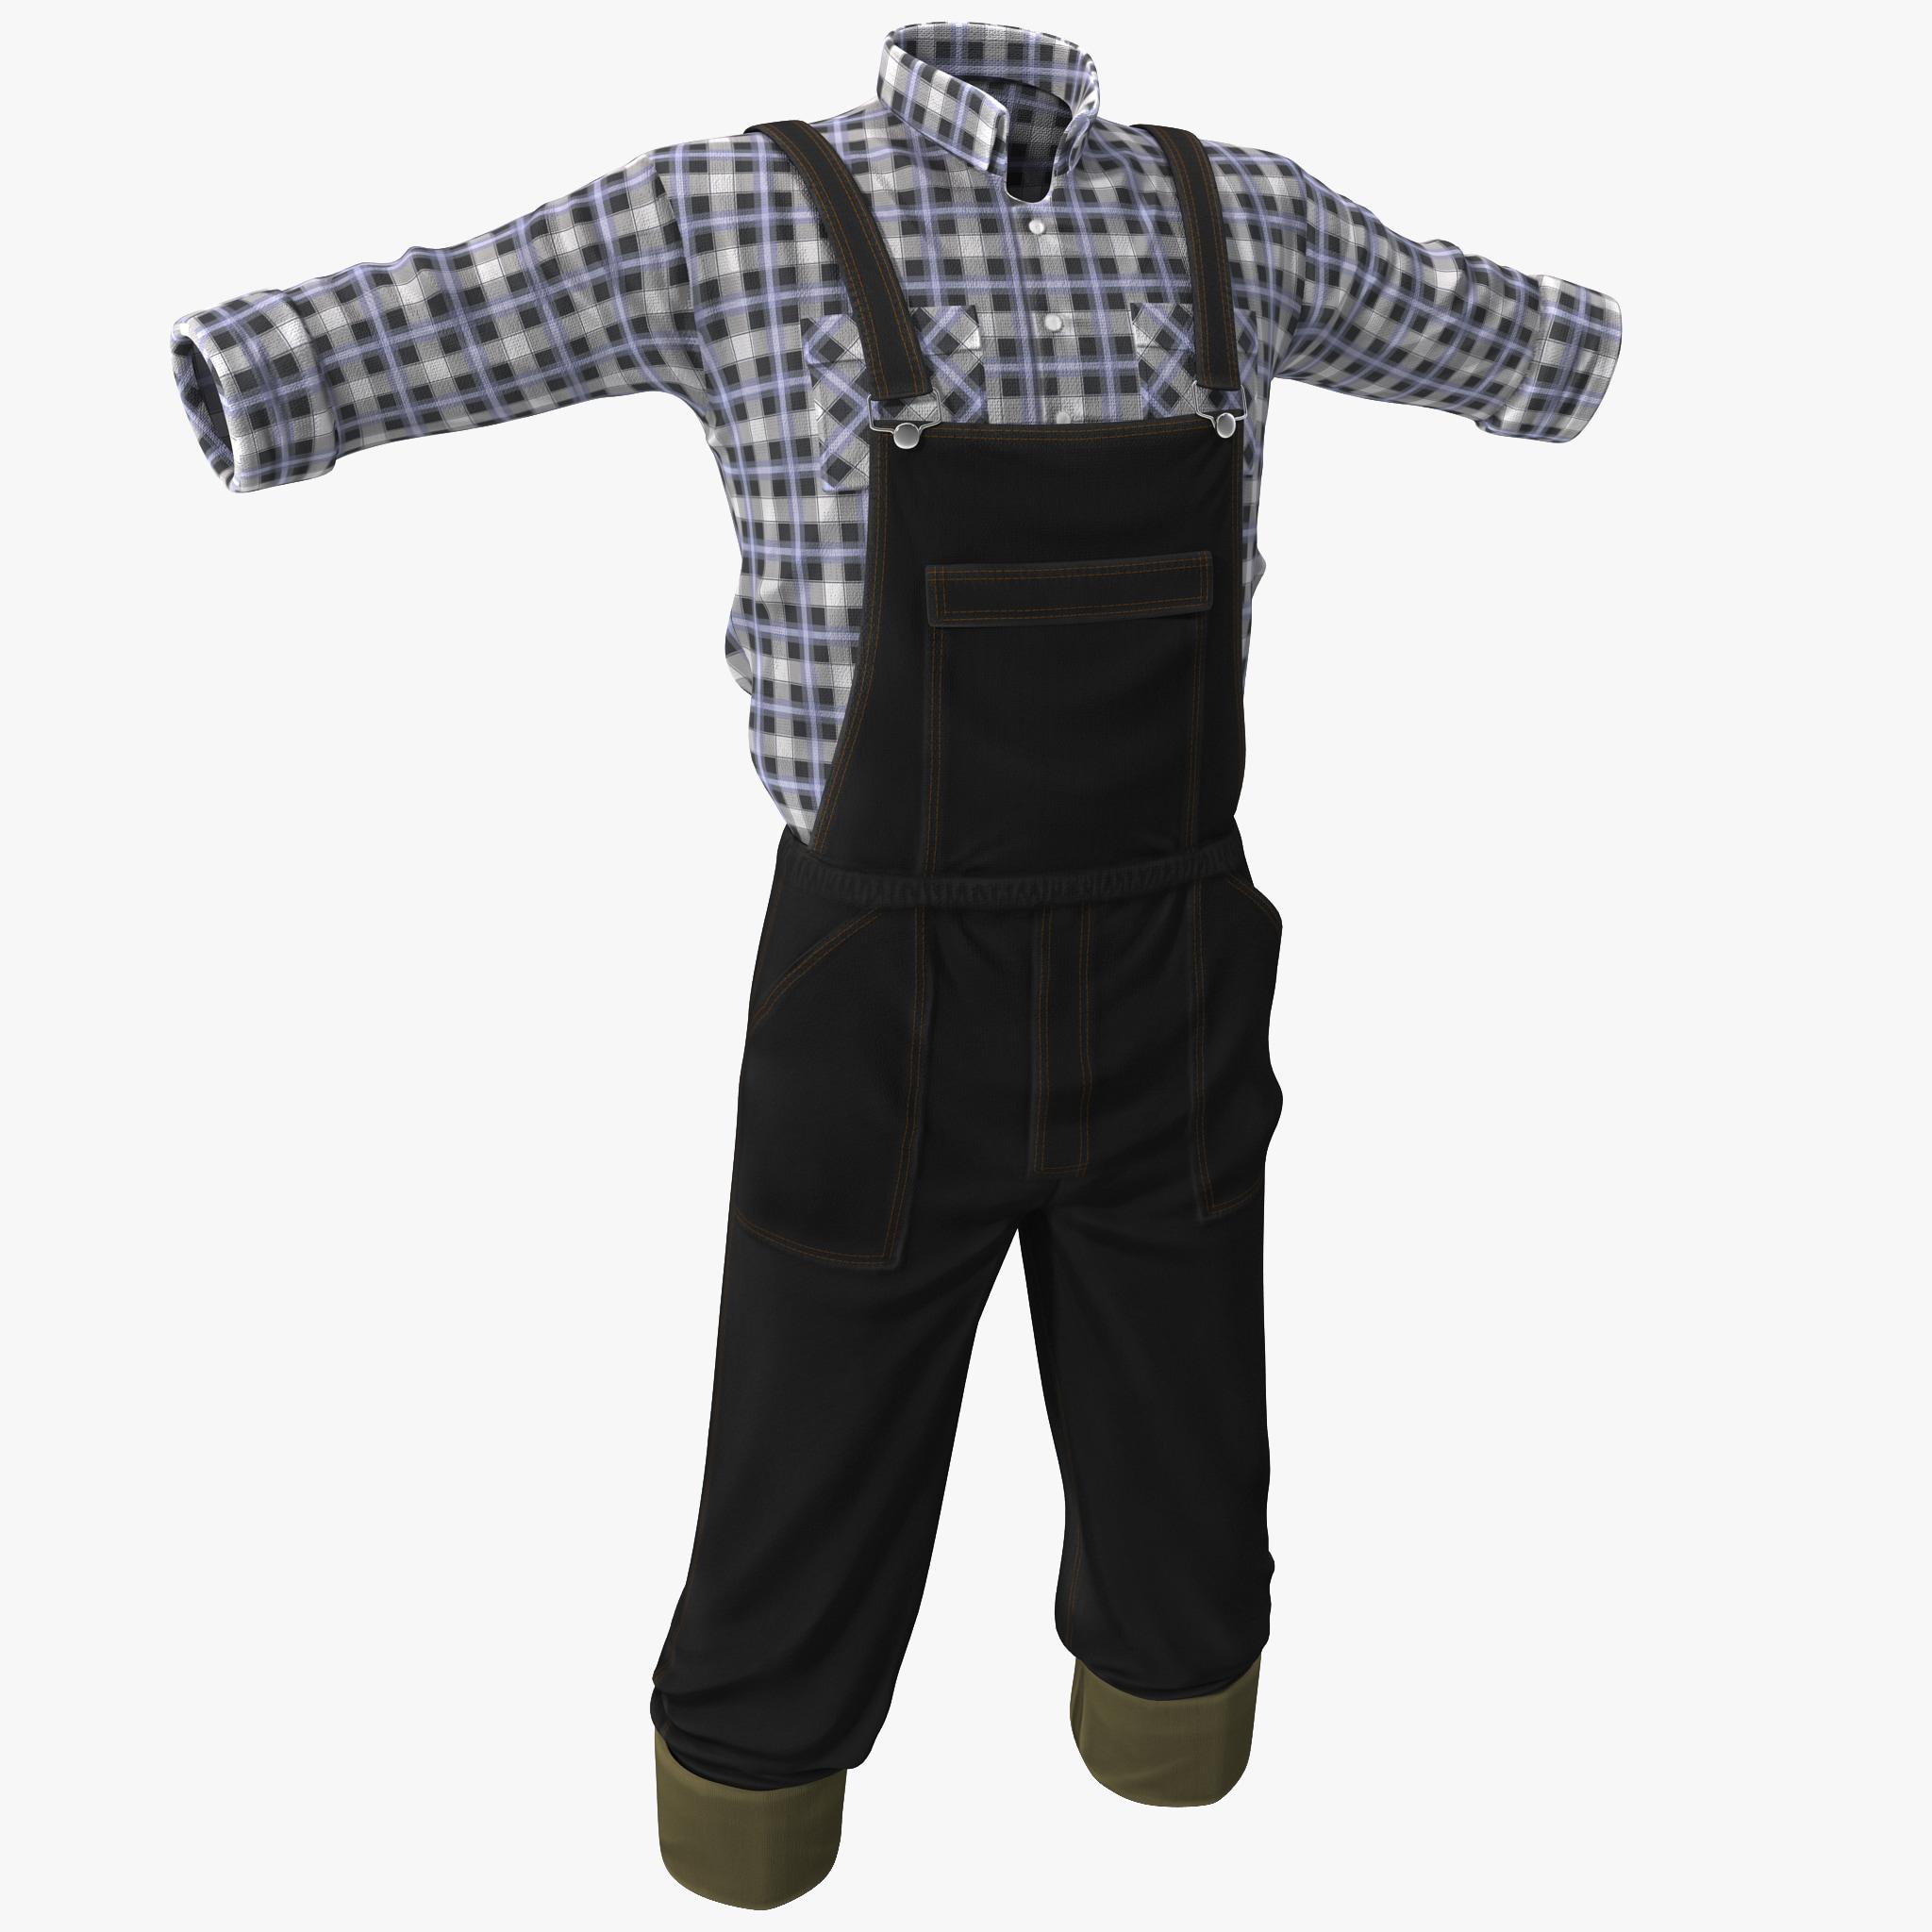 Farmer Clothes 2_1.jpg